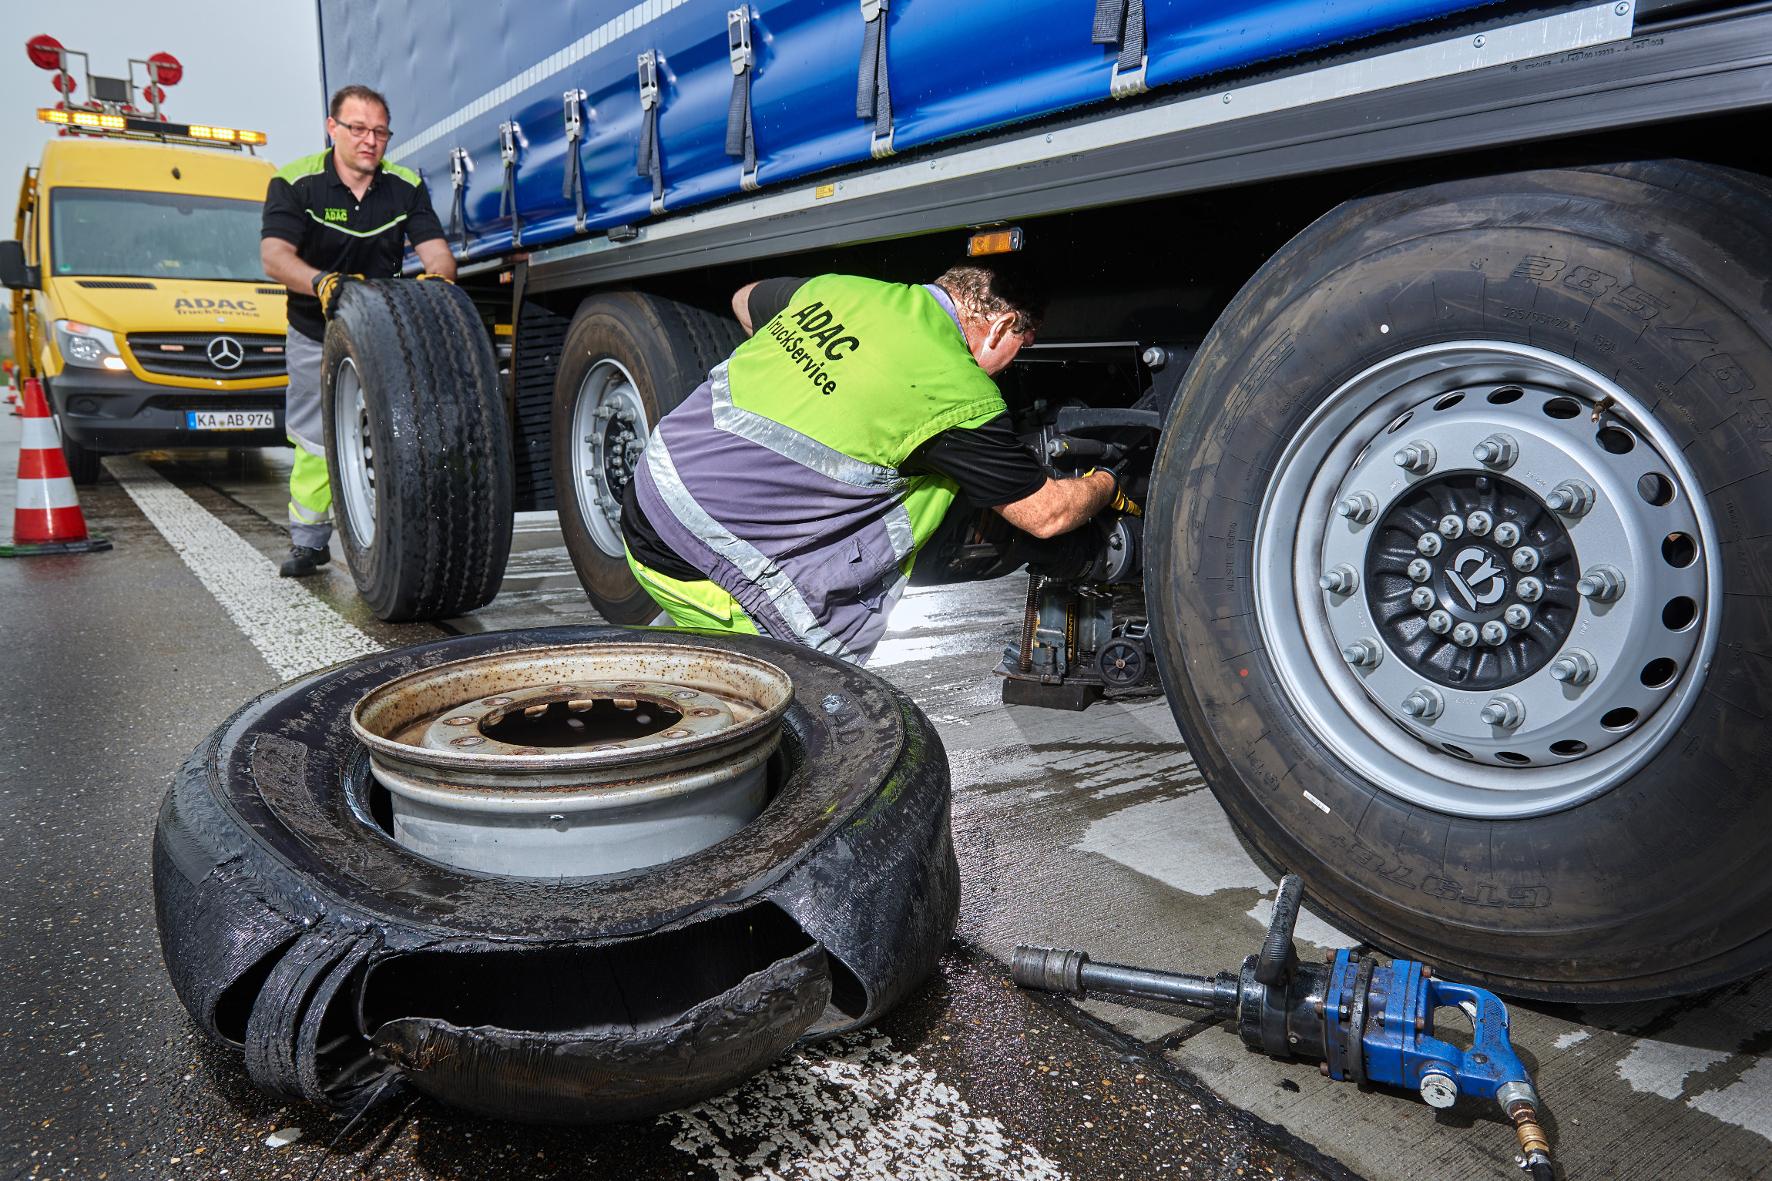 mid Groß-Gerau - Bei Lkw kommt es im Hochsommer besonders häufig zu Reifenschäden, besonders bei zu niedrigem Luftdruck.